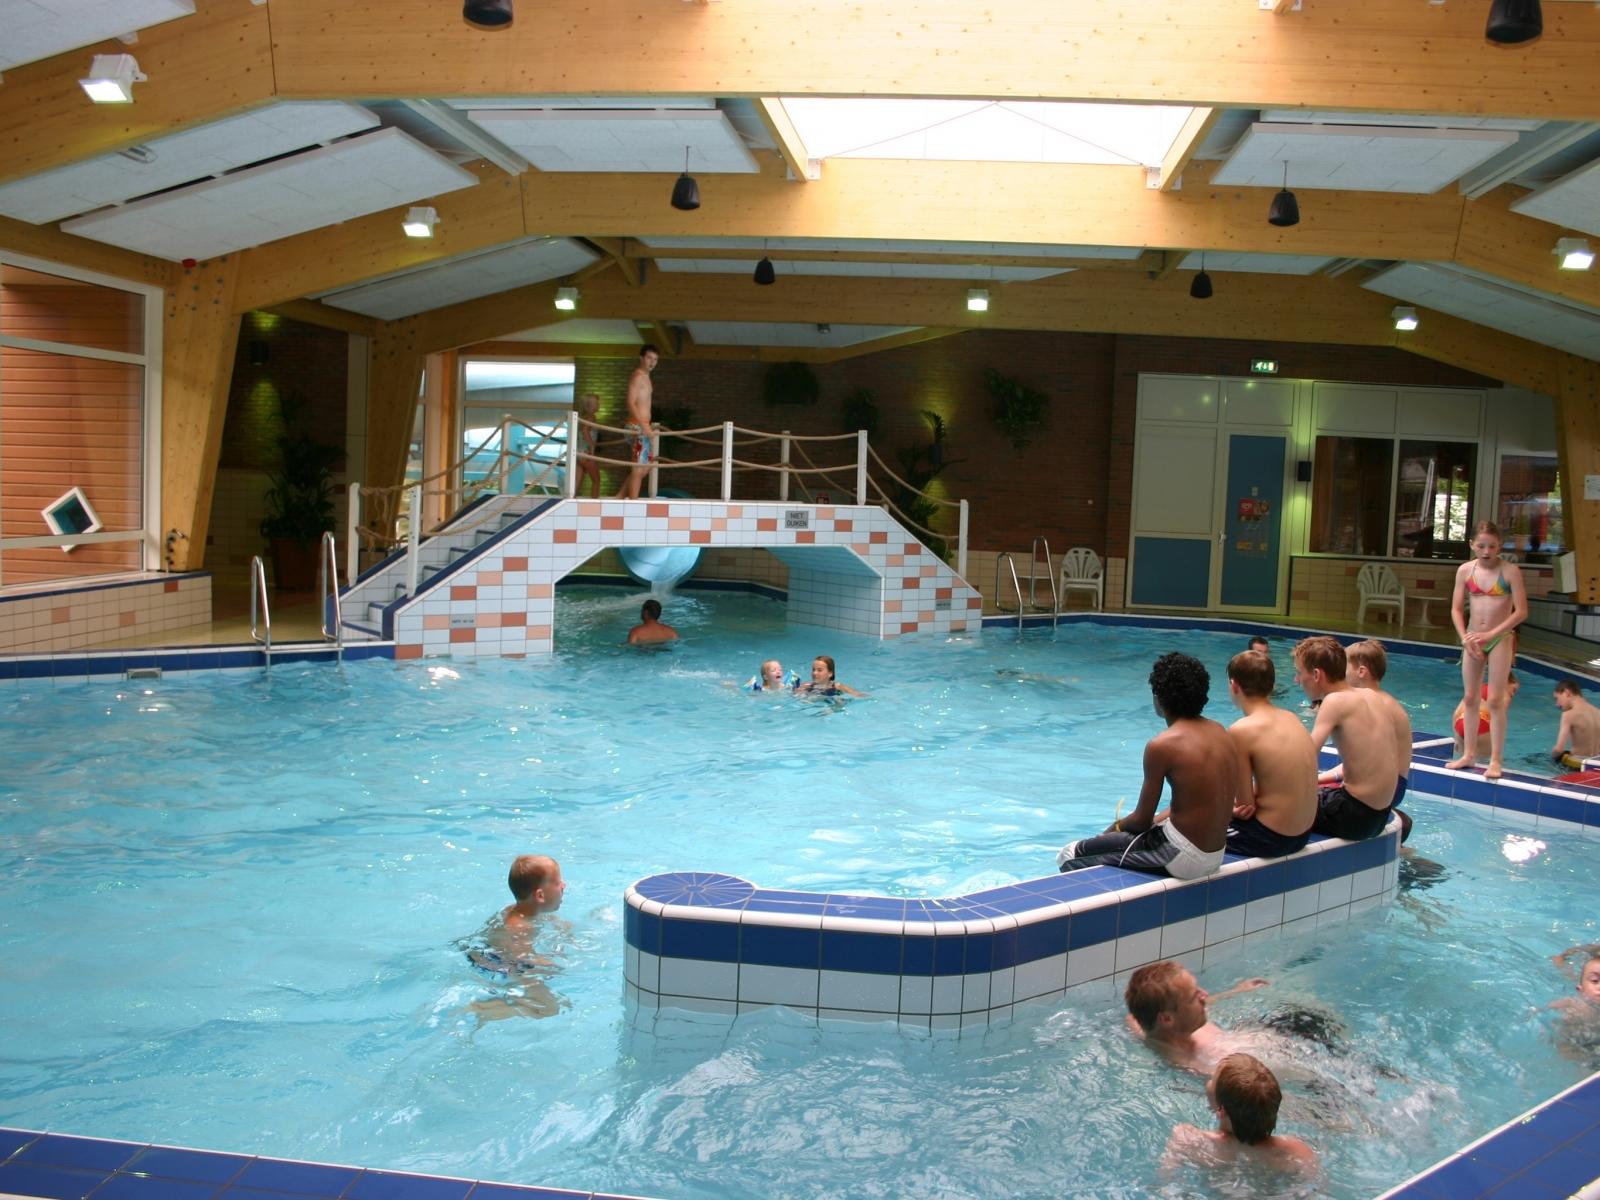 Vakantiedeal bungalow Veluwe 🏕️Recreatiepark De Paalberg